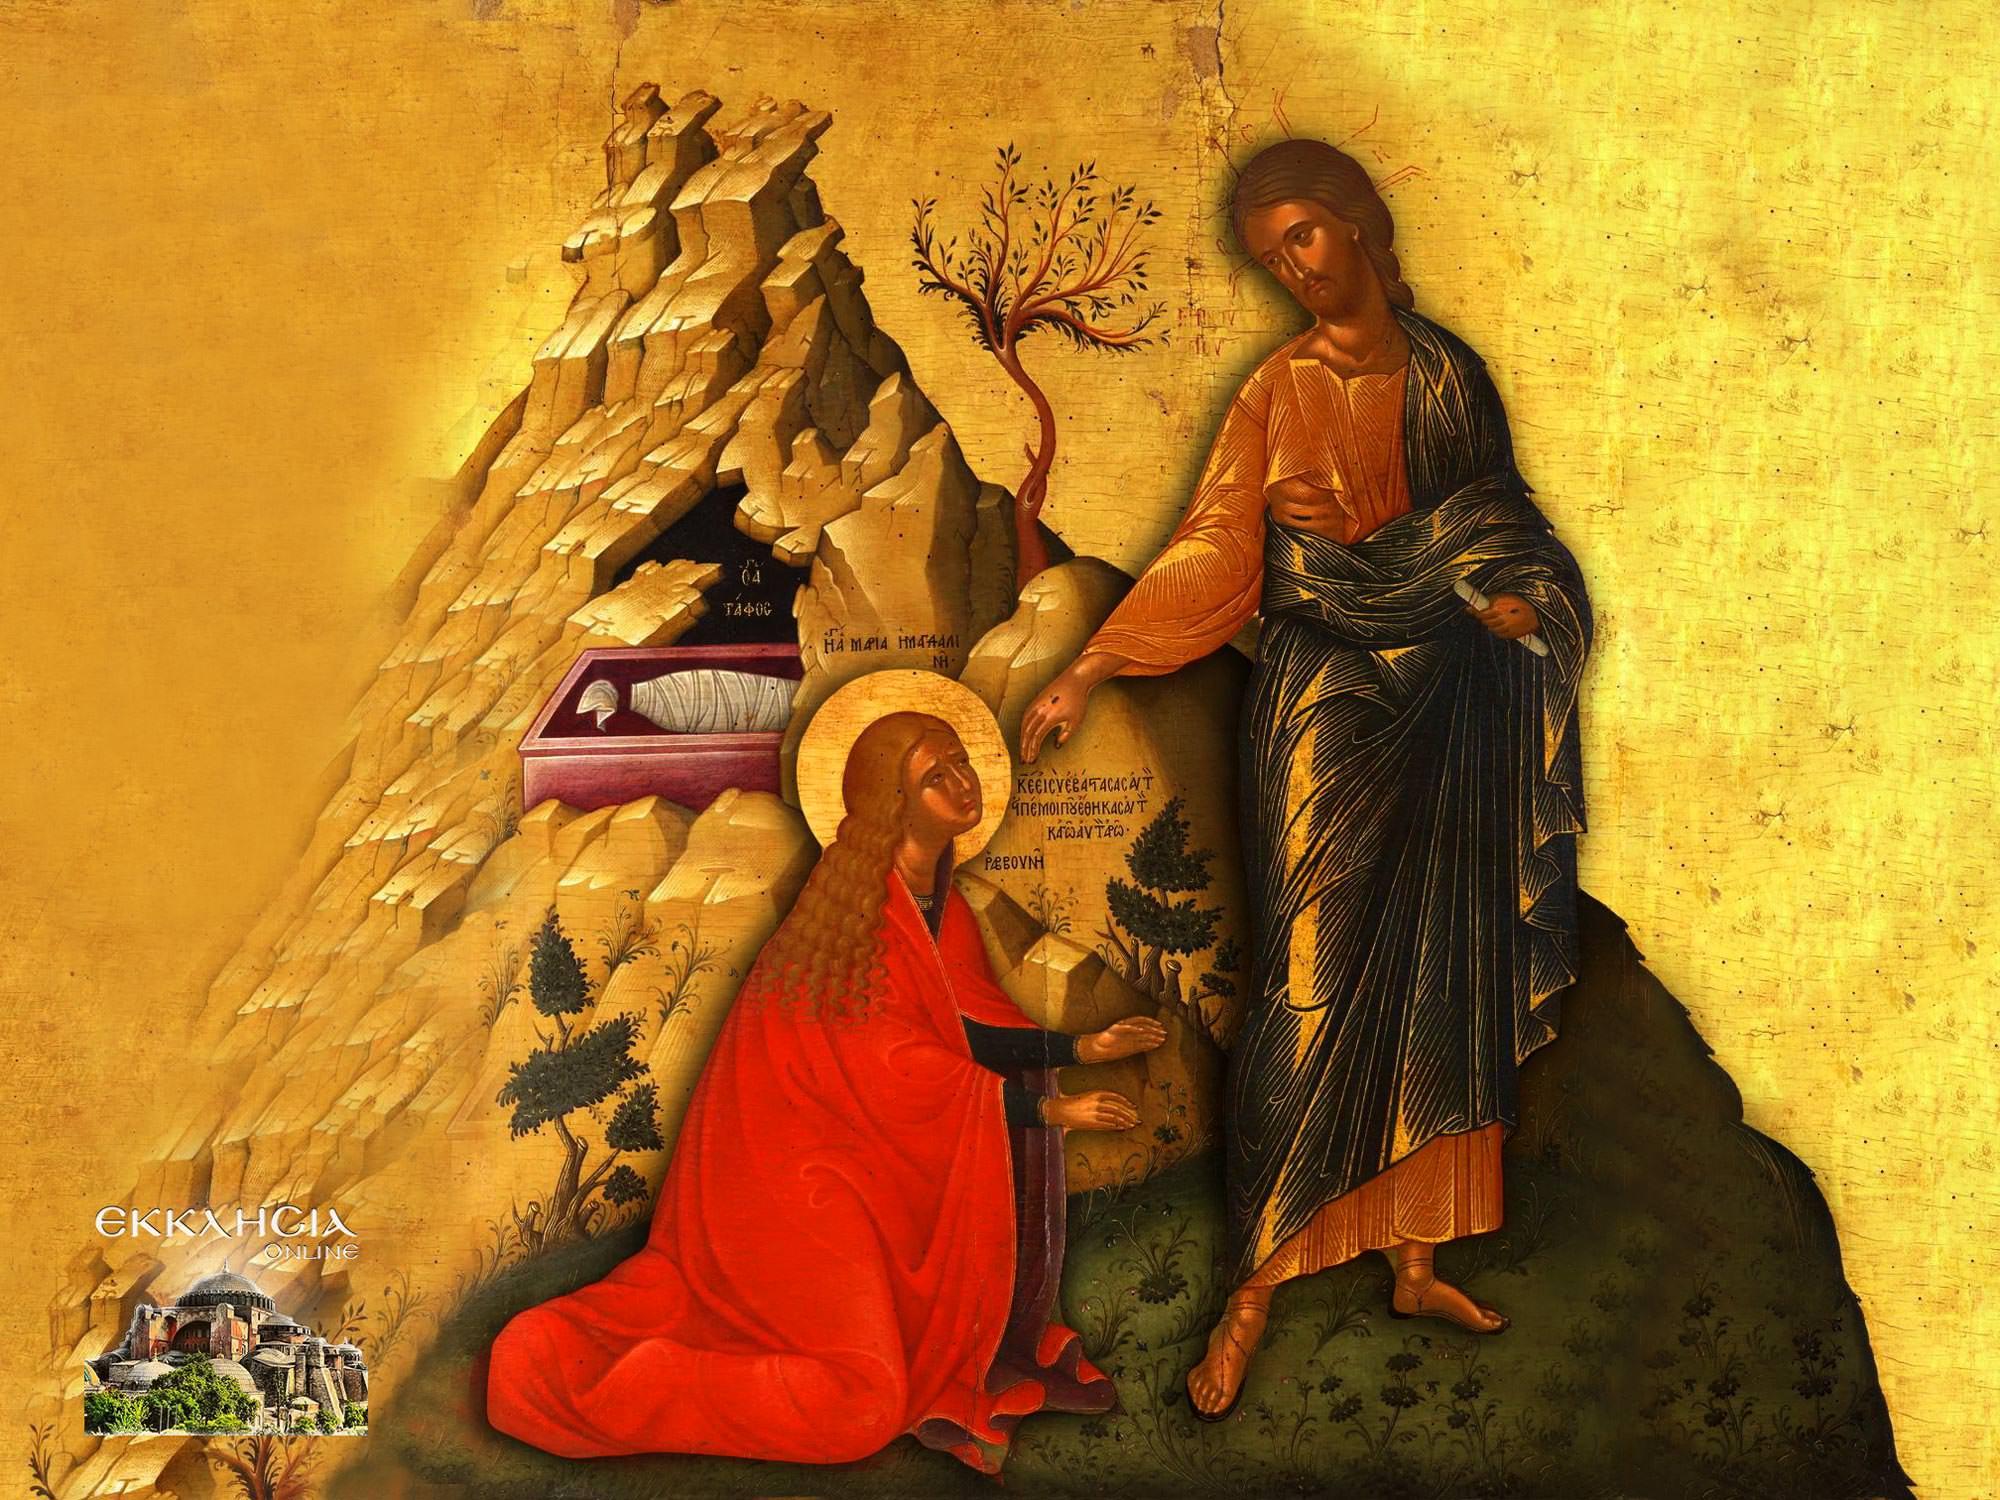 Αγία Μαρία η Μαγδαληνή η Μυροφόρος 22 Ιουλίου